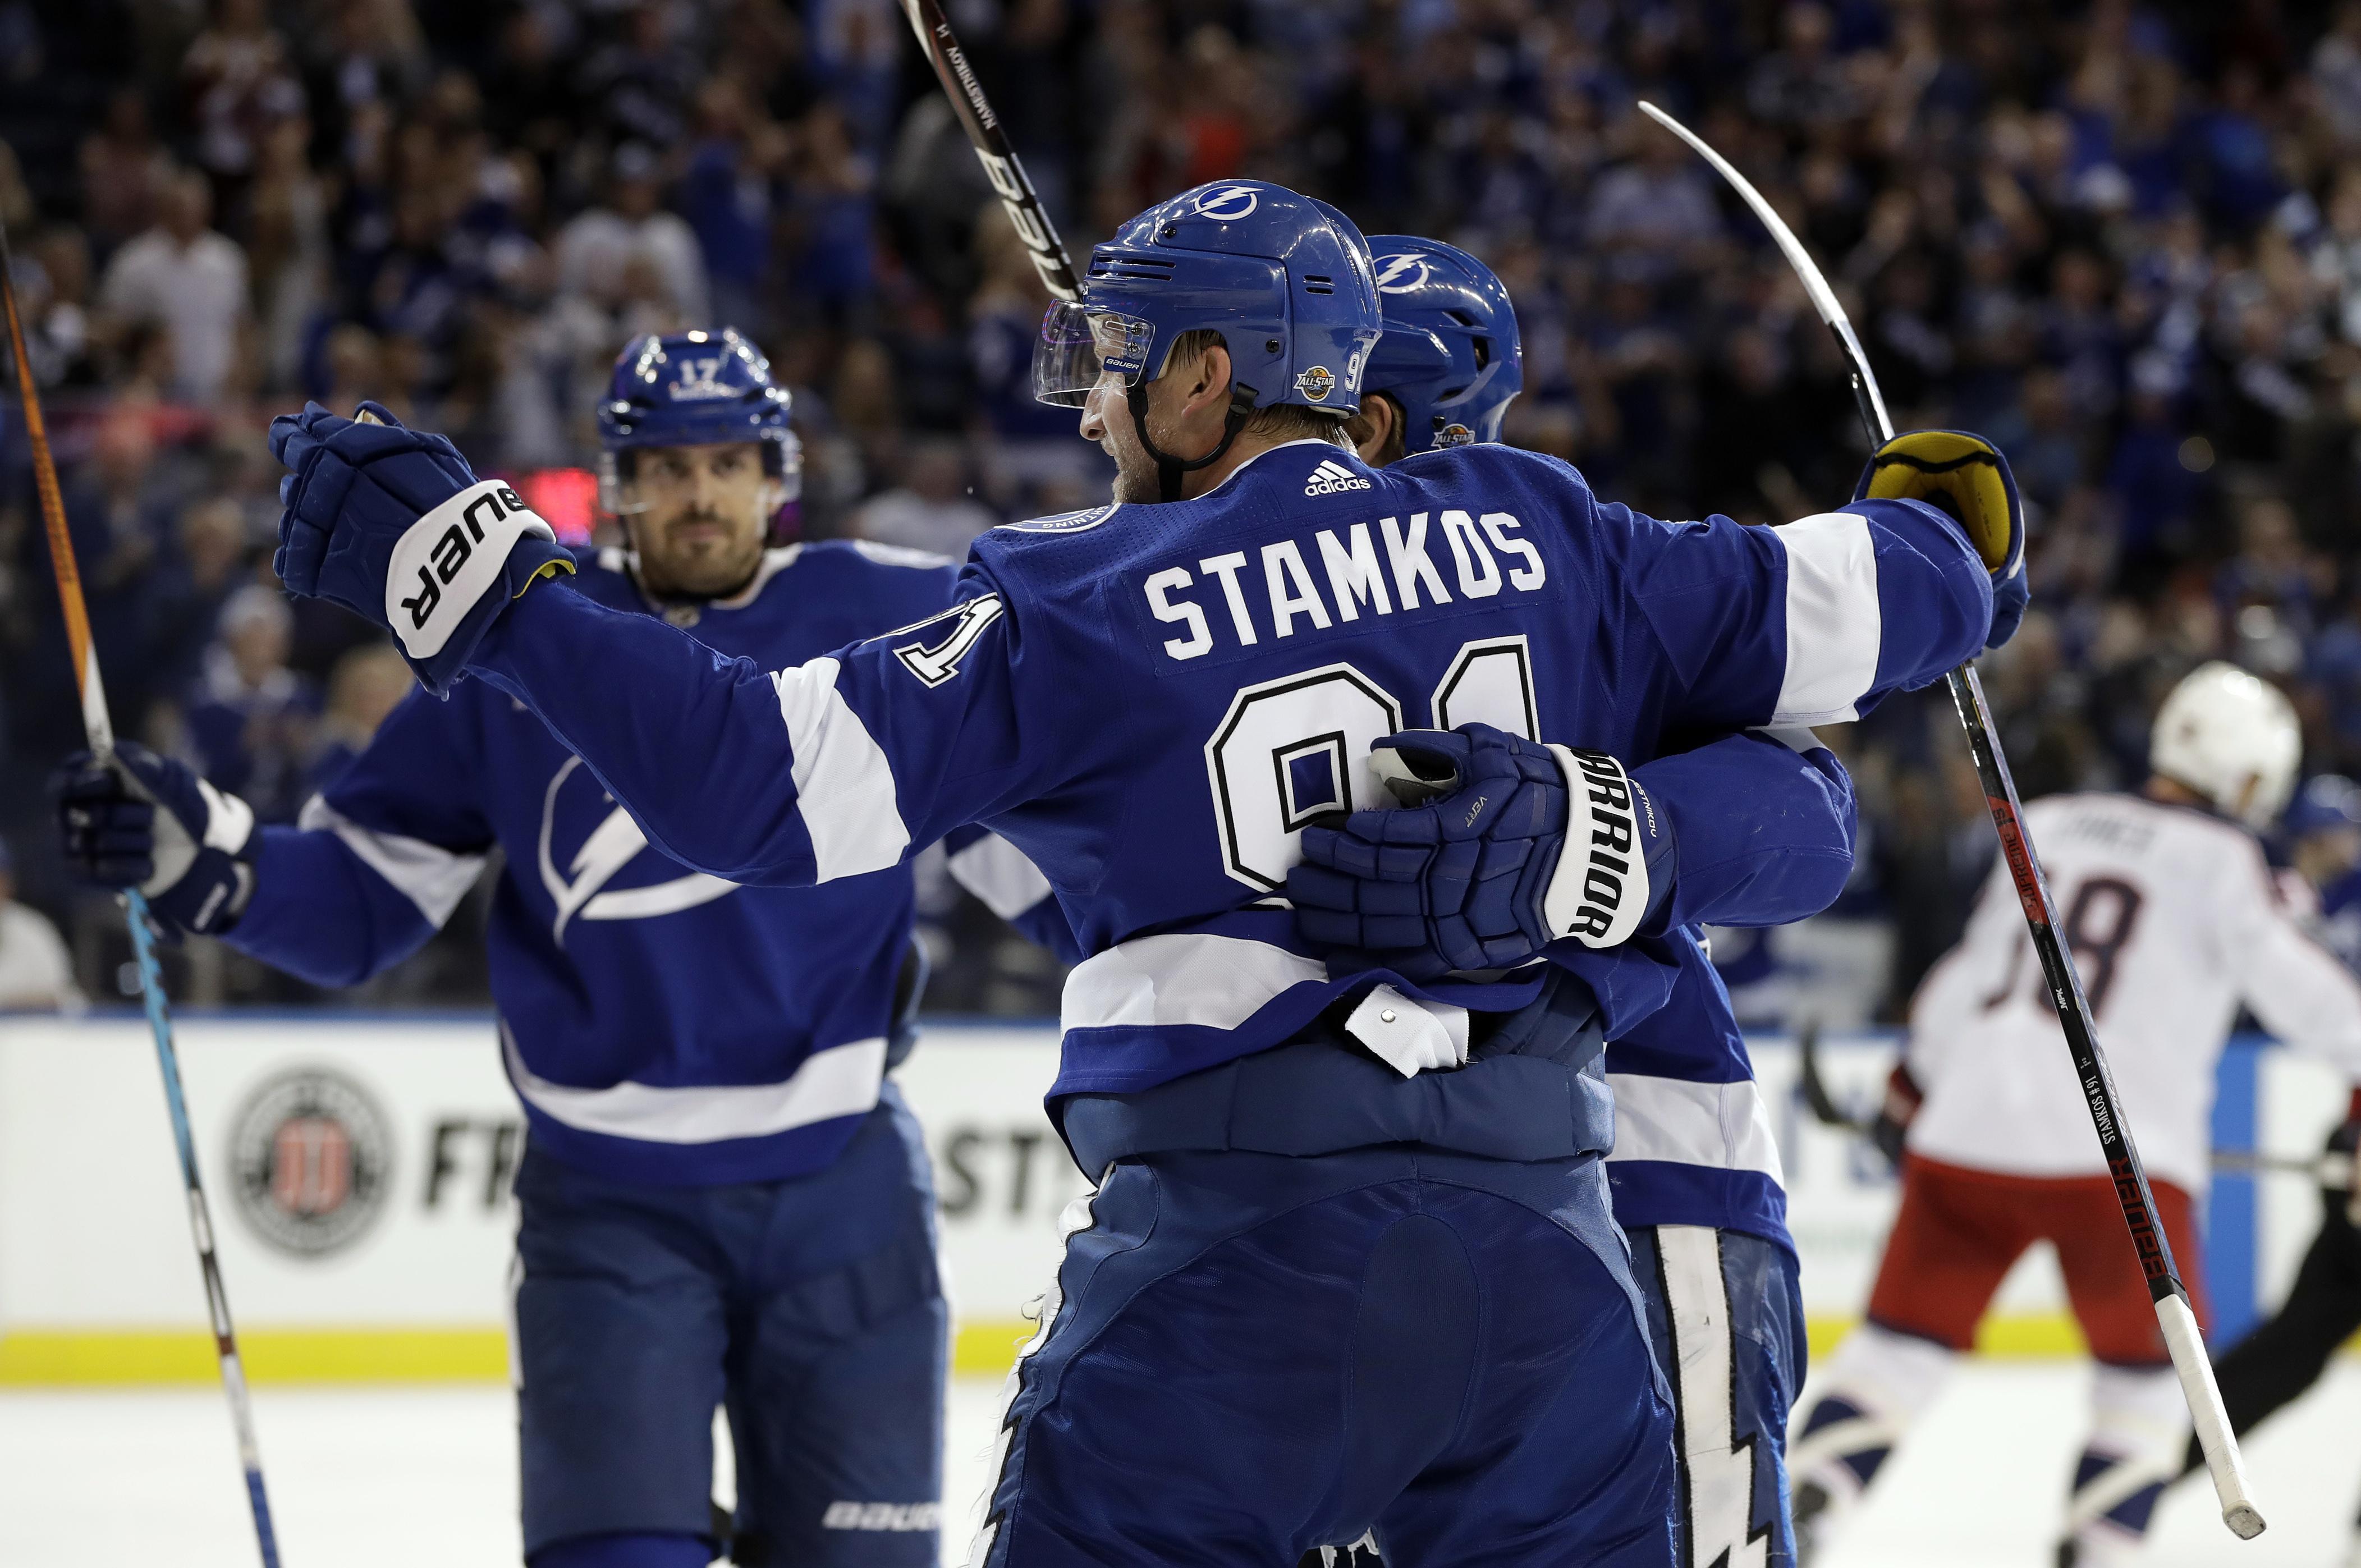 Blue_jackets_lightning_hockey_43941